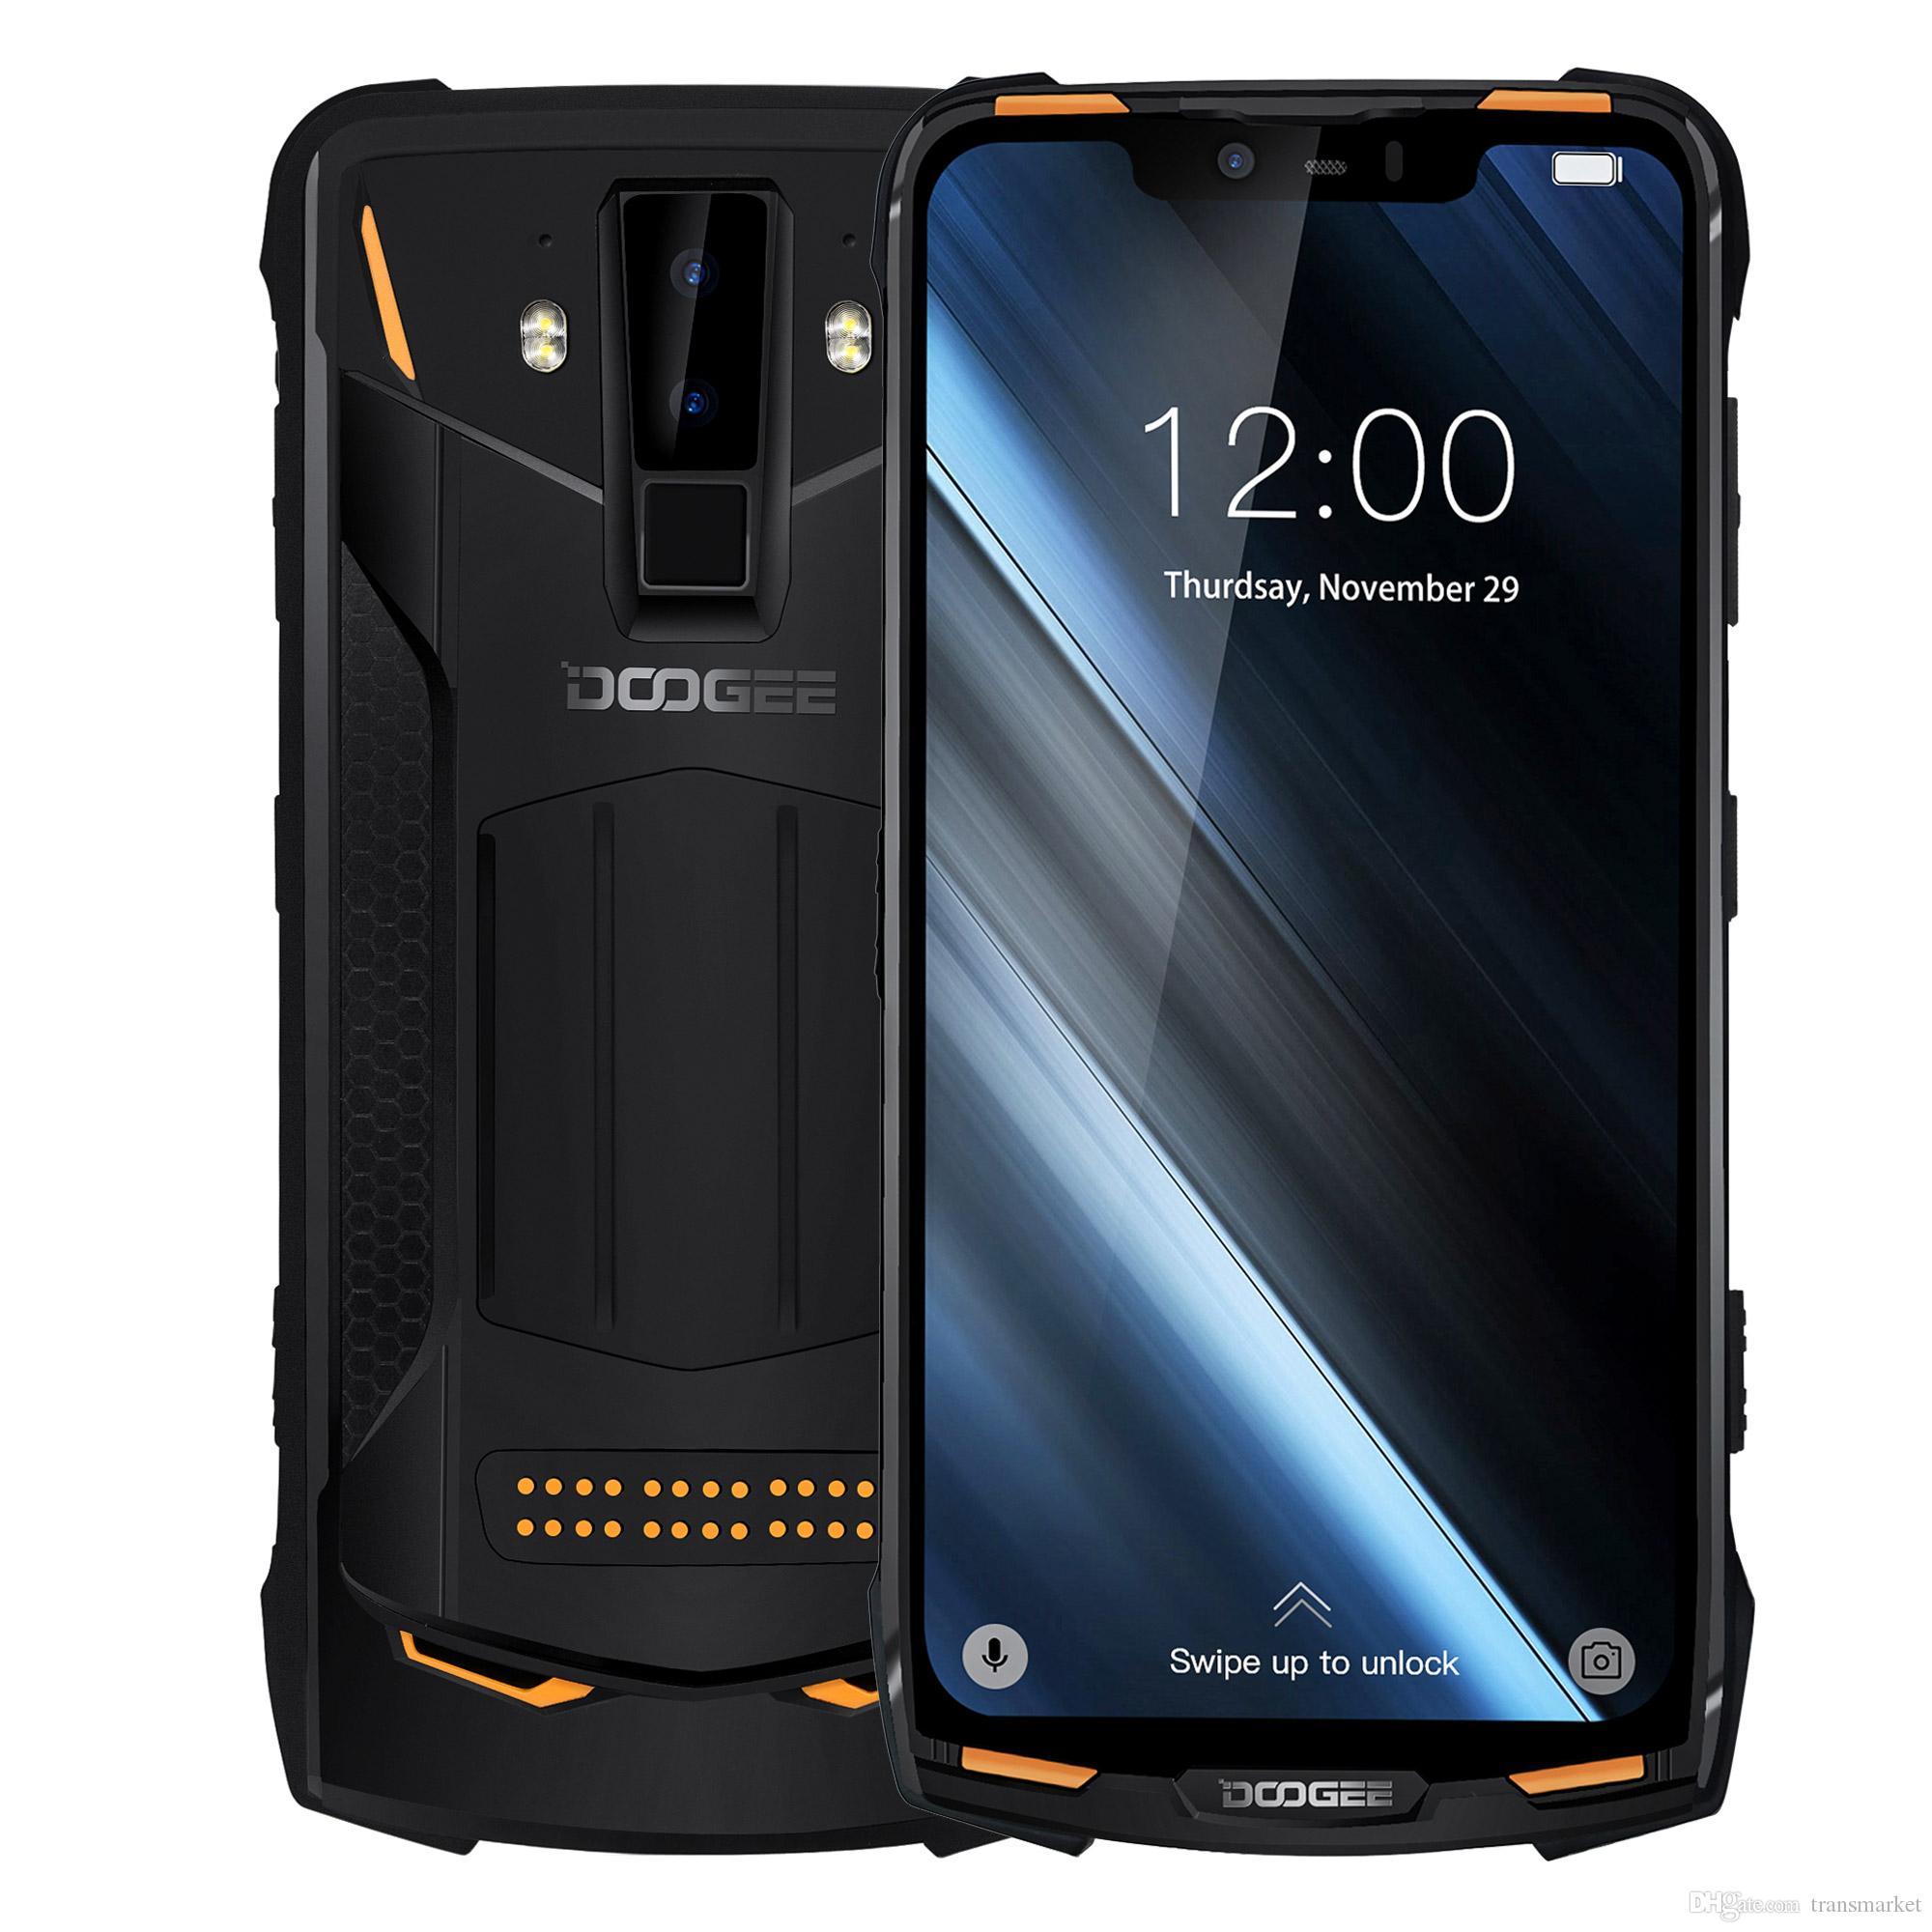 Hotsales DOOGEE S90 스마트 폰 세대 램 128G 롬 메모리 6.18Inch 디스플레이 크기 방수 내진성 5050mAh 전화